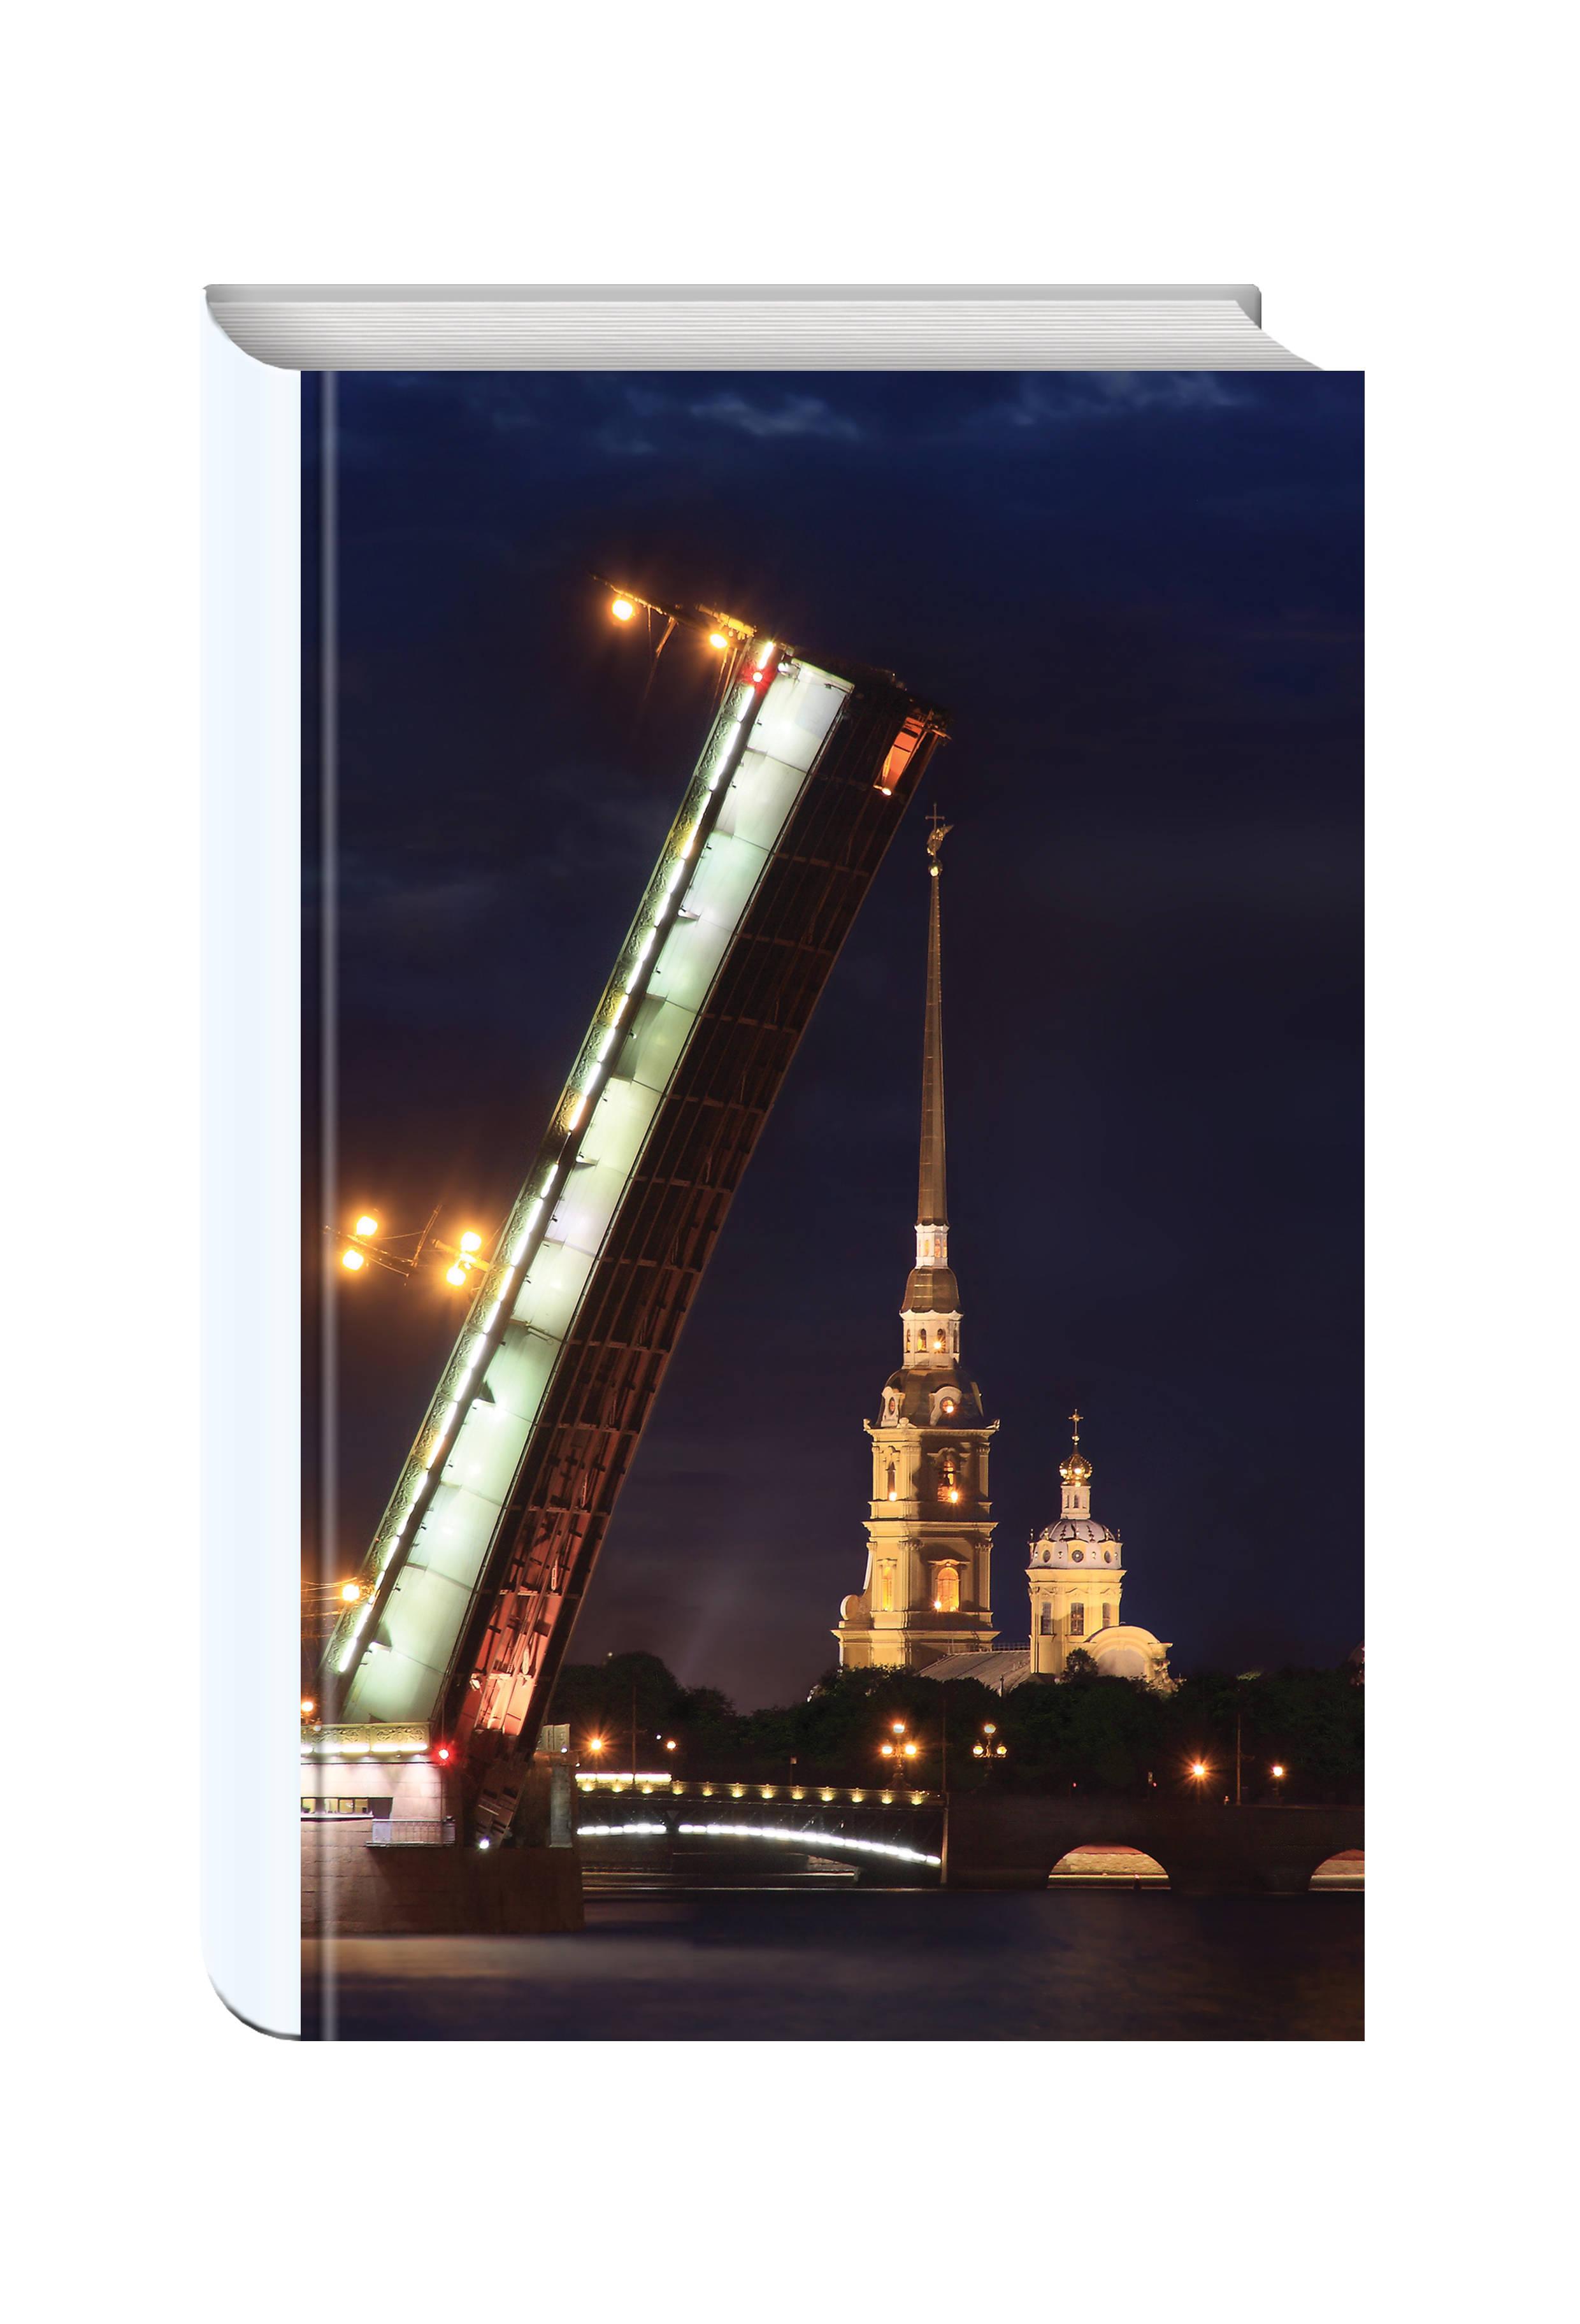 Шевченко Г. Еженедельник недатированный Питер, я люблю тебя (Мост) тур из минска в питер